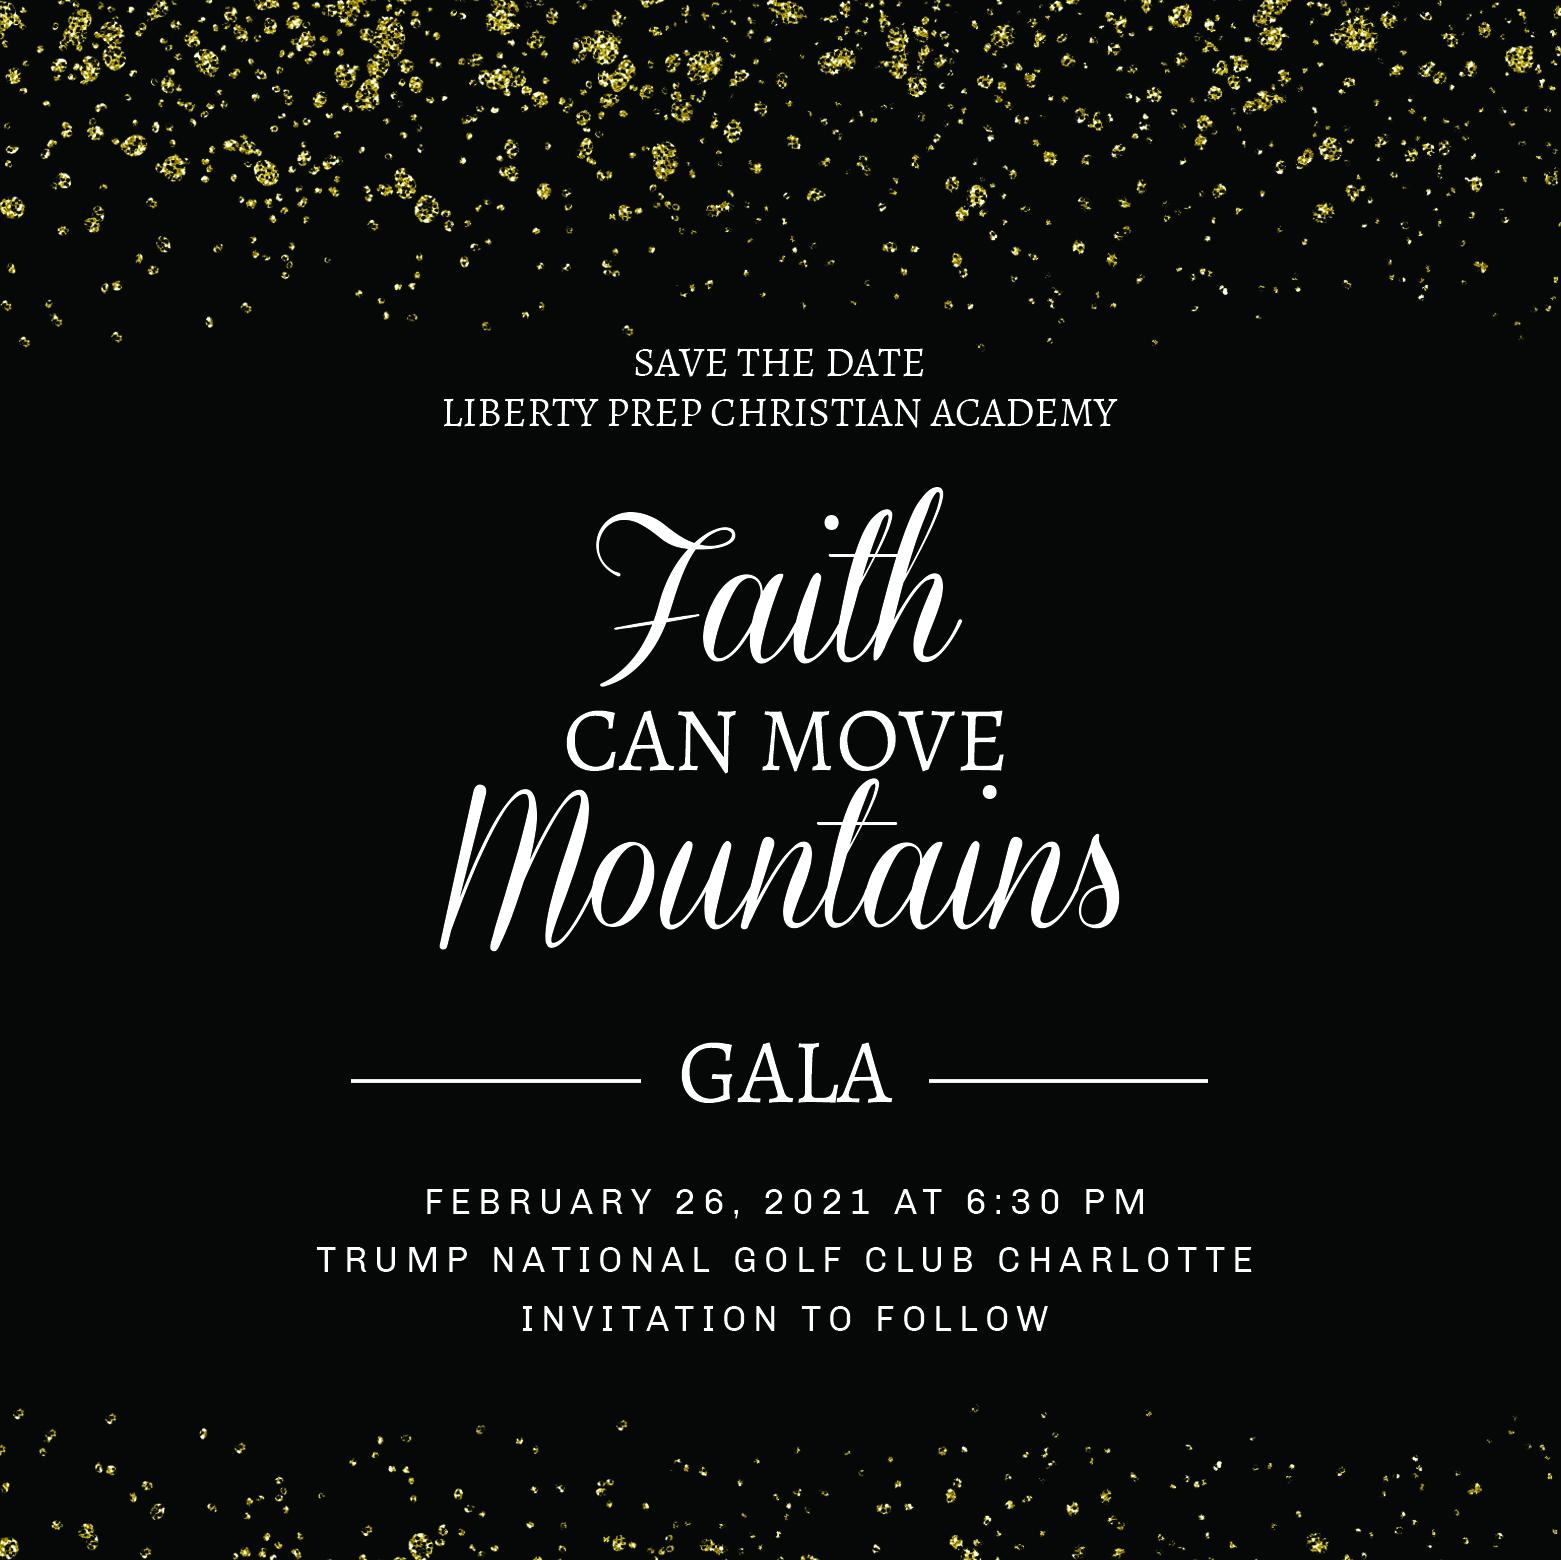 2021 Faith Can Move Mountains Gala